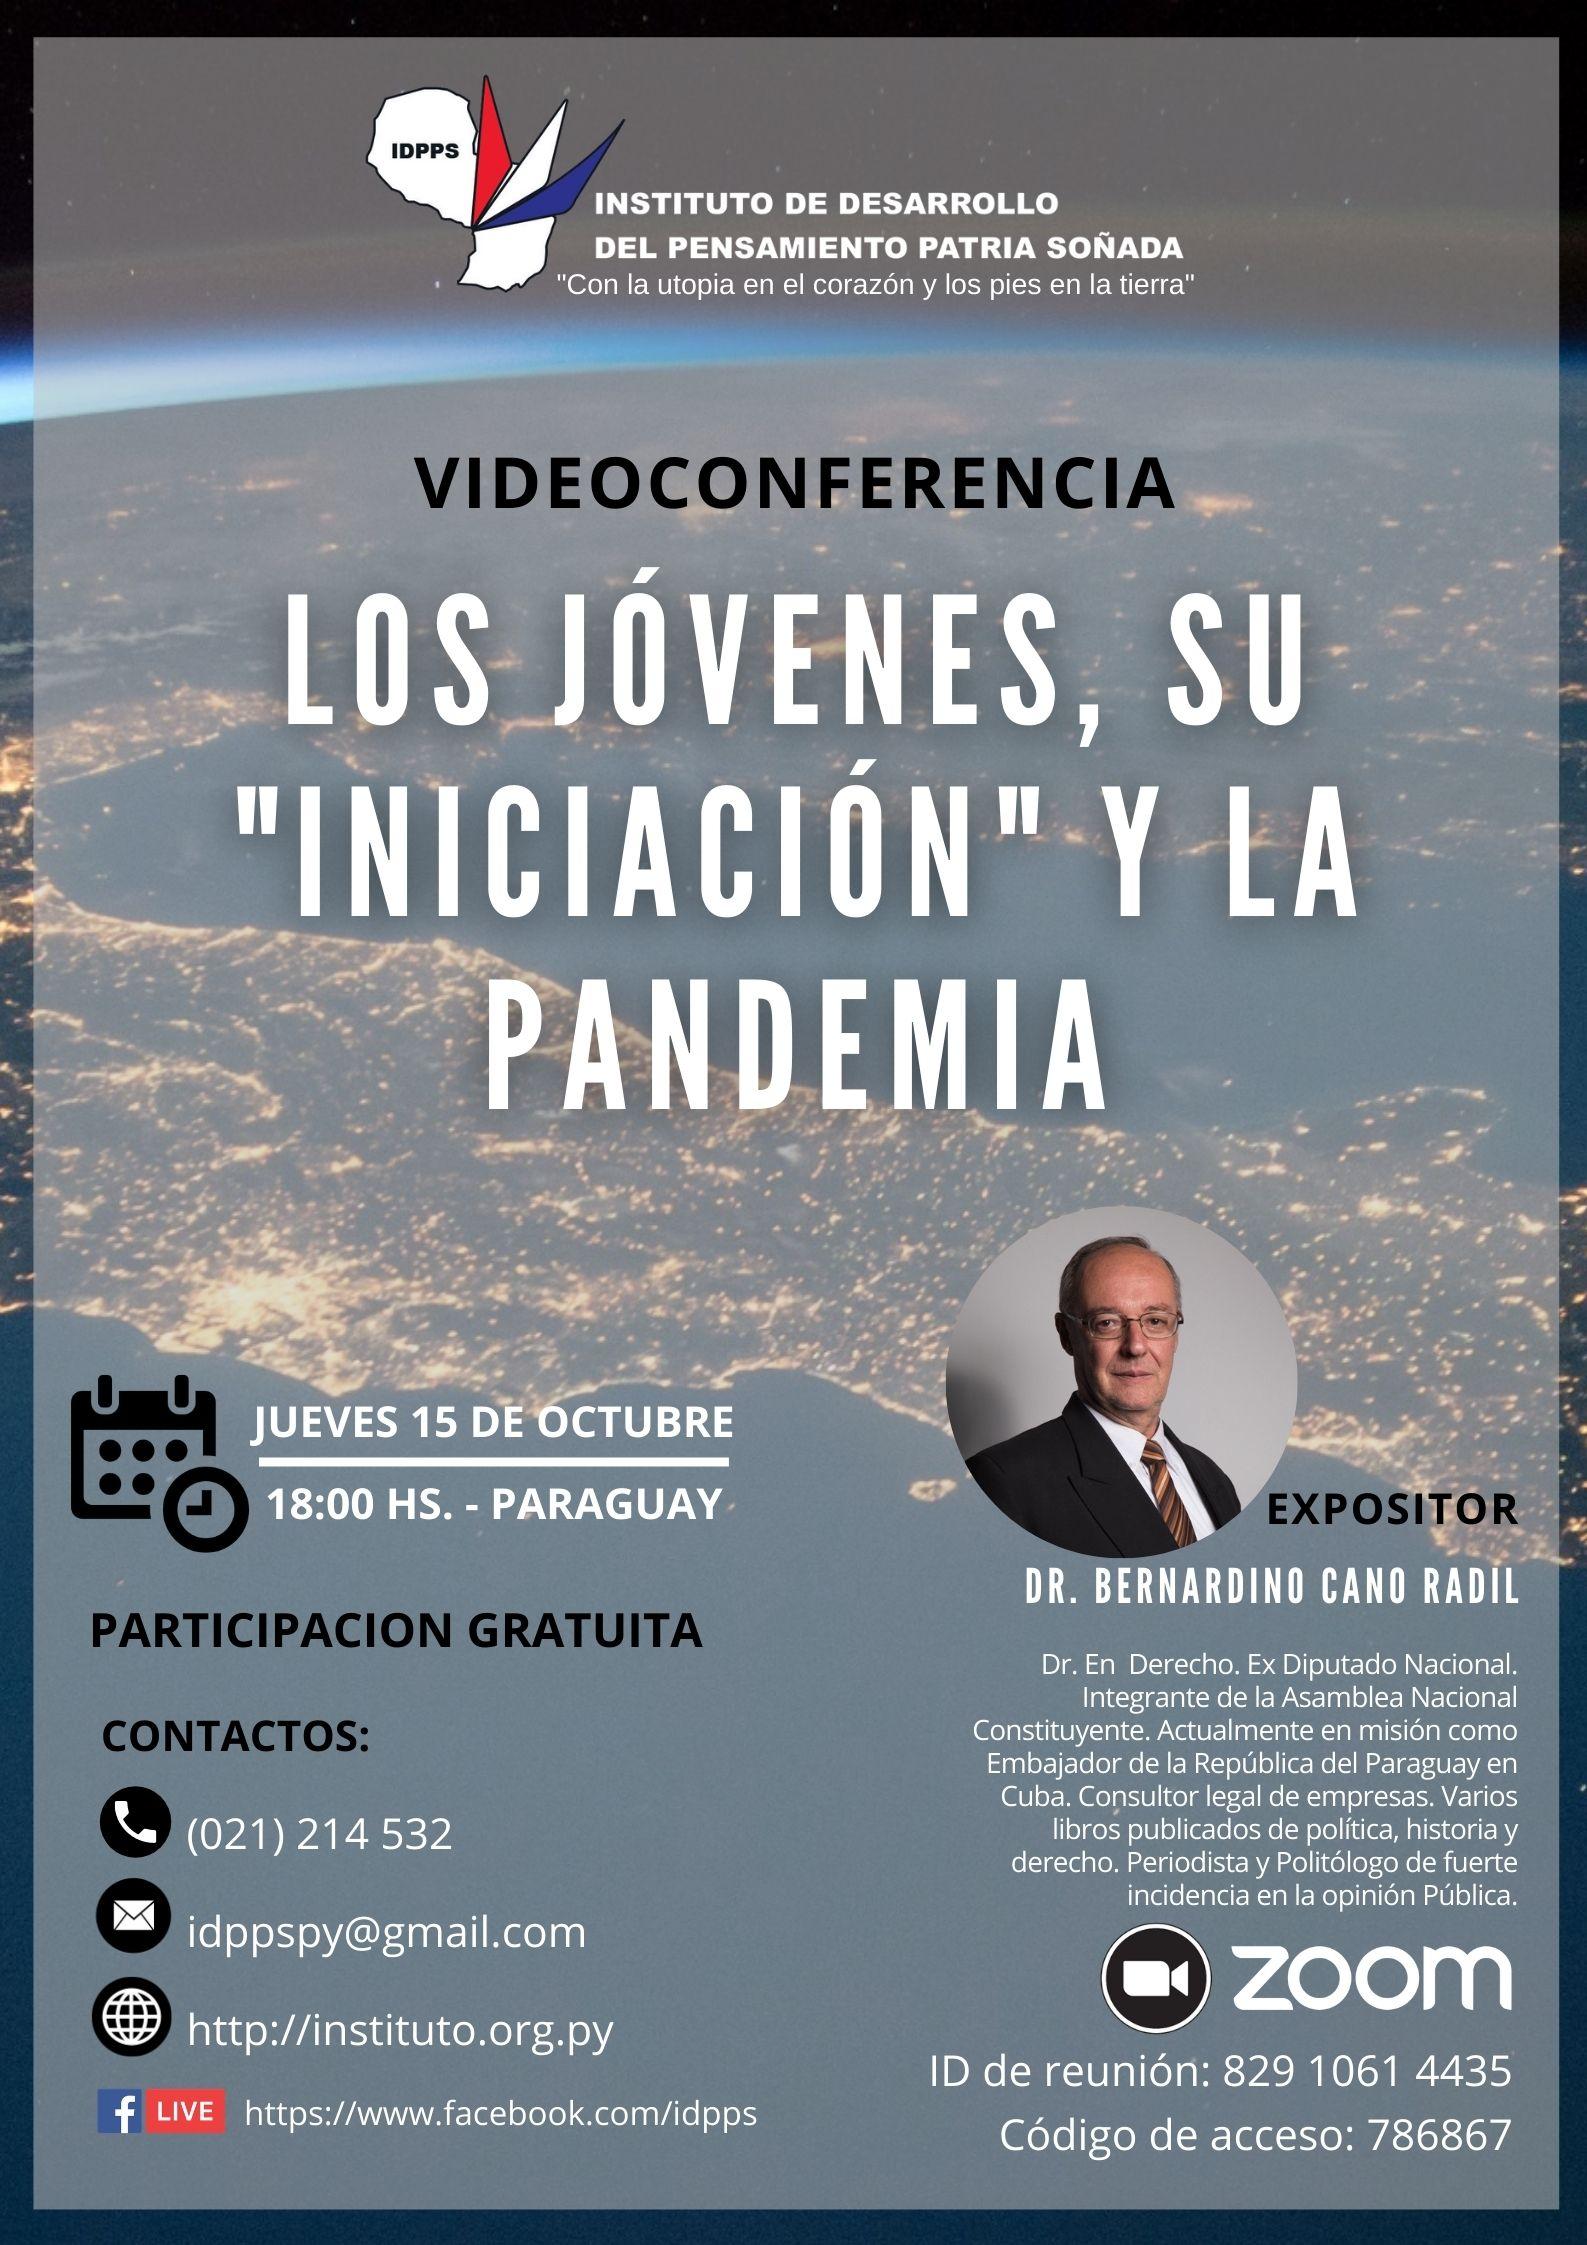 """Videoconferencia """"Los jóvenes, su iniciación y la pandemia"""" a cargo del Dr. Bernardino Cano Radil."""